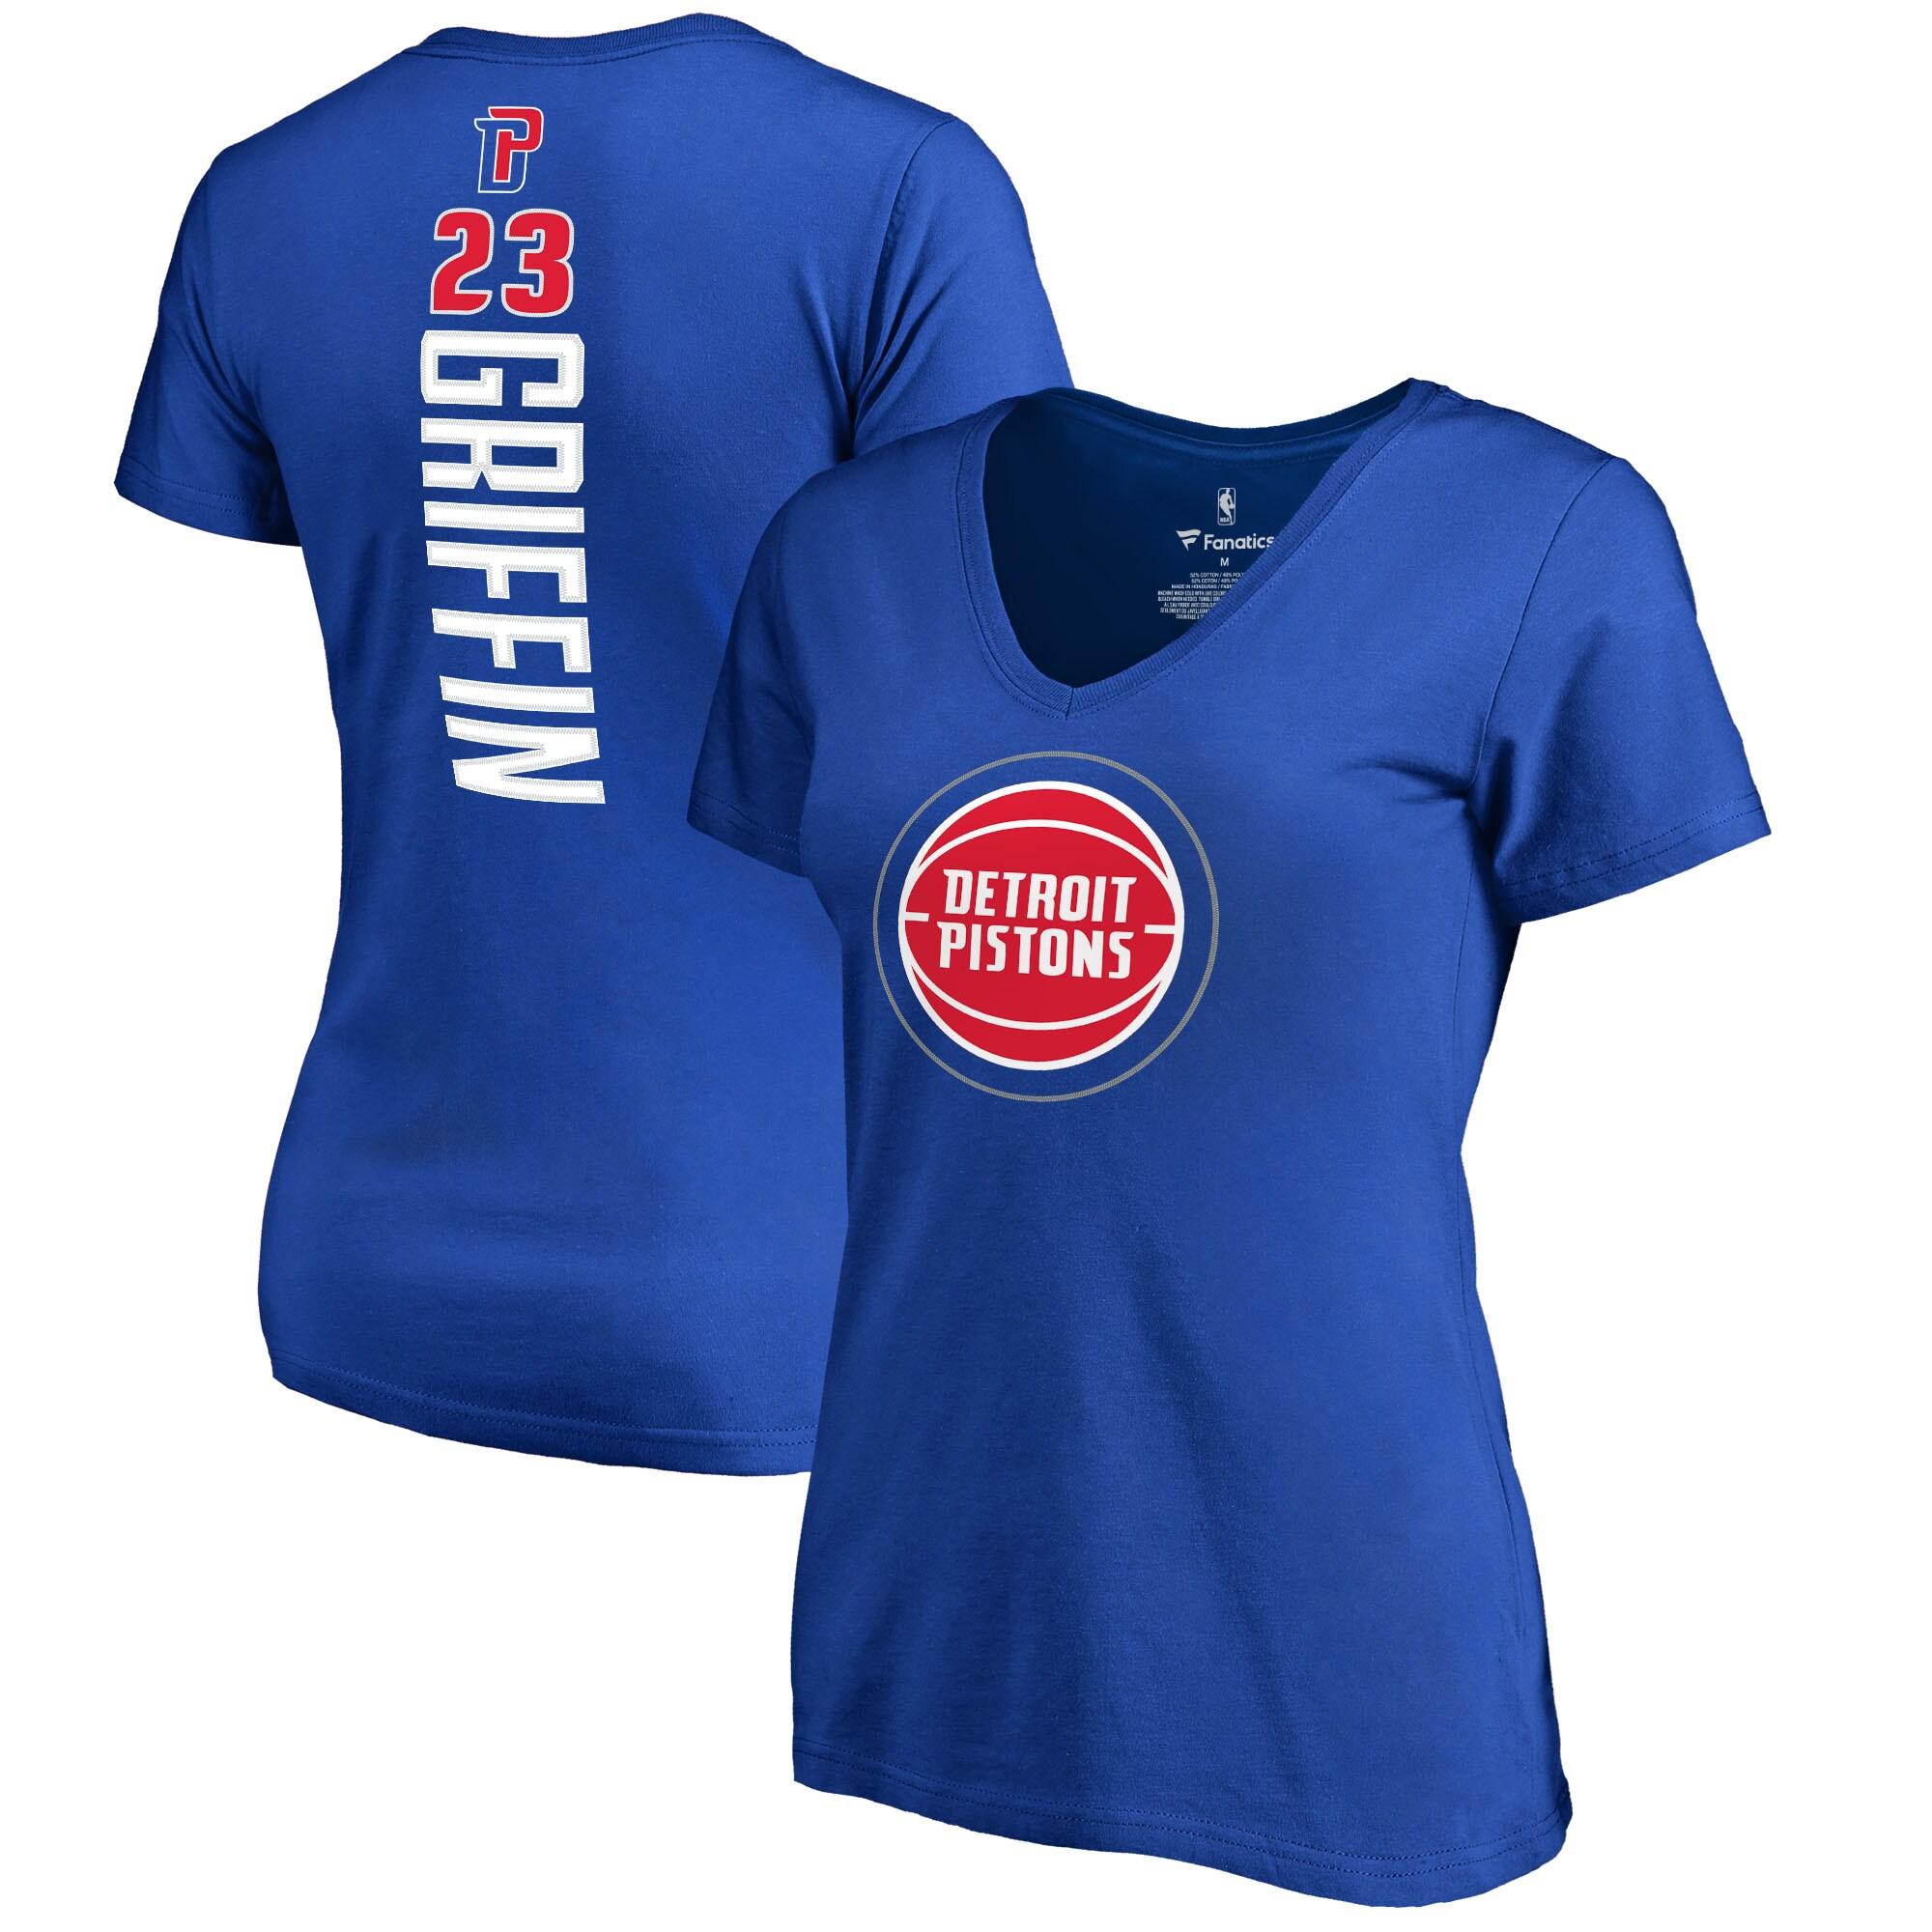 Blake Griffin Detroit Pistons Fanatics Branded Women's Backer V-Neck T-Shirt - Royal